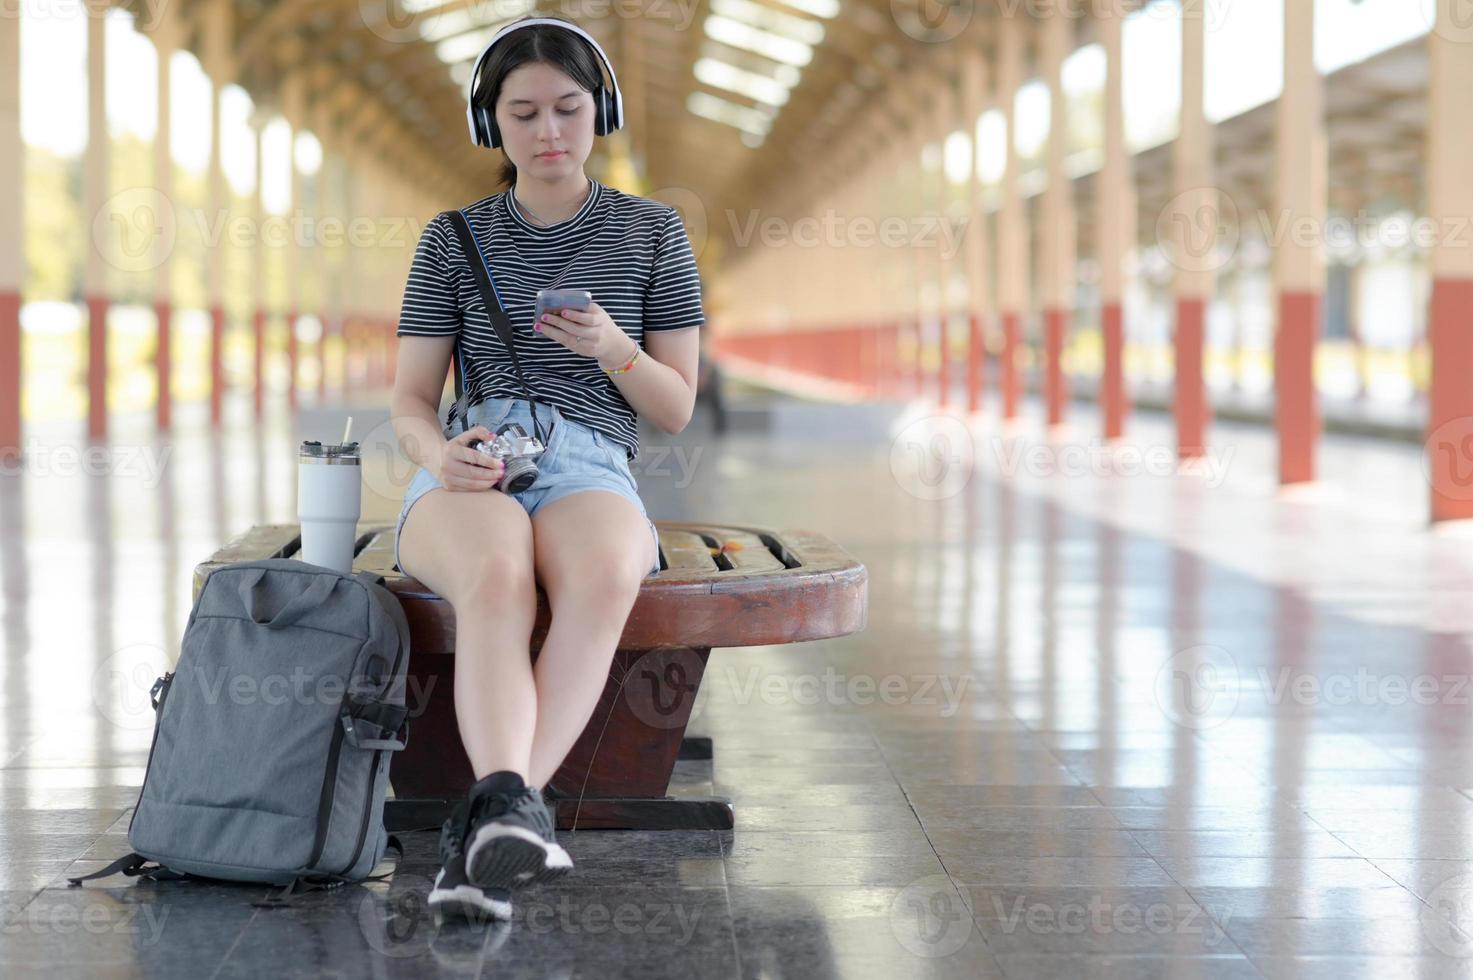 una joven viajera escucha música con auriculares mientras espera su viaje en la plataforma. foto